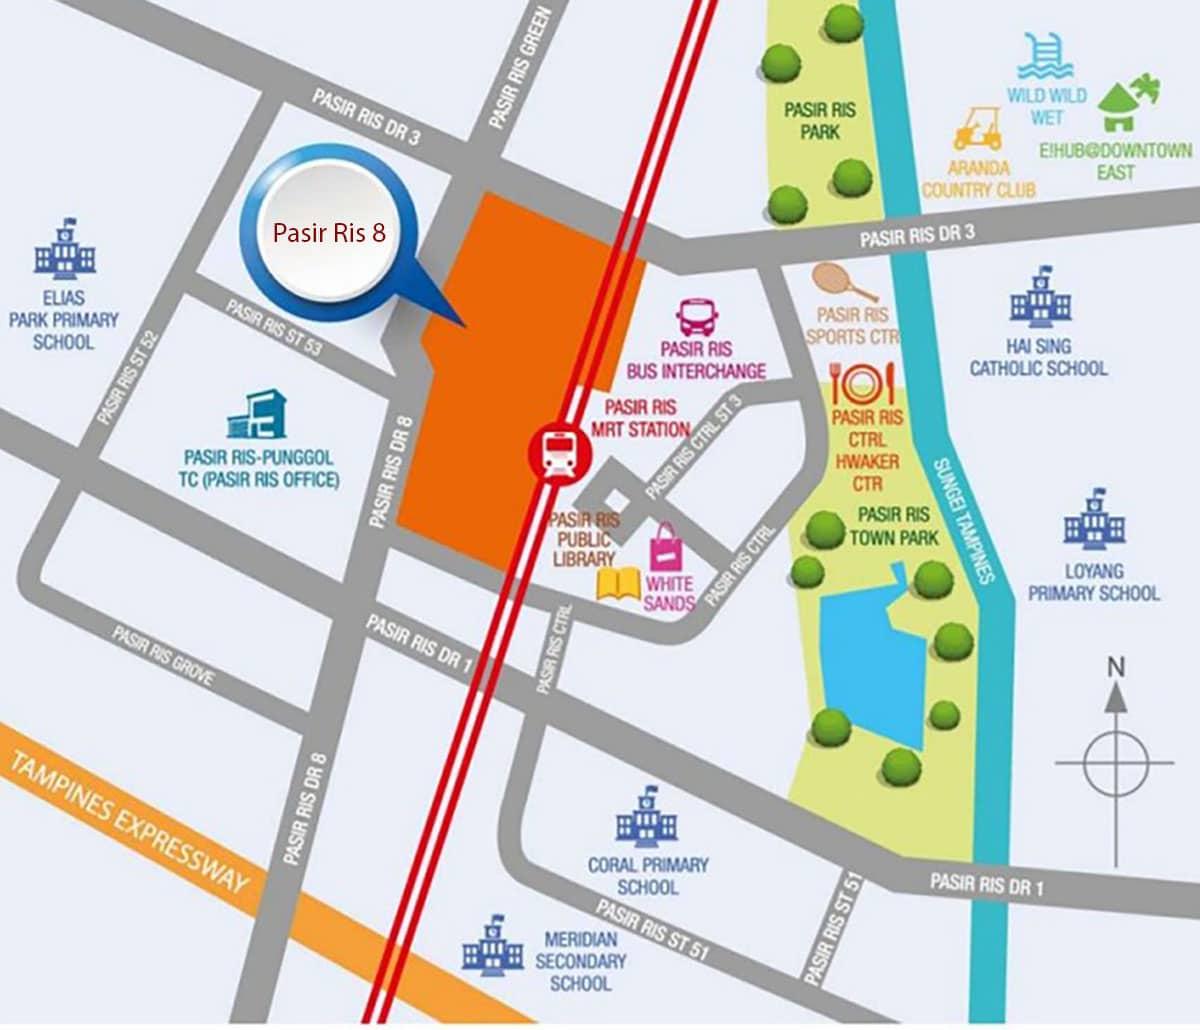 Pasir Ris 8 Location Map